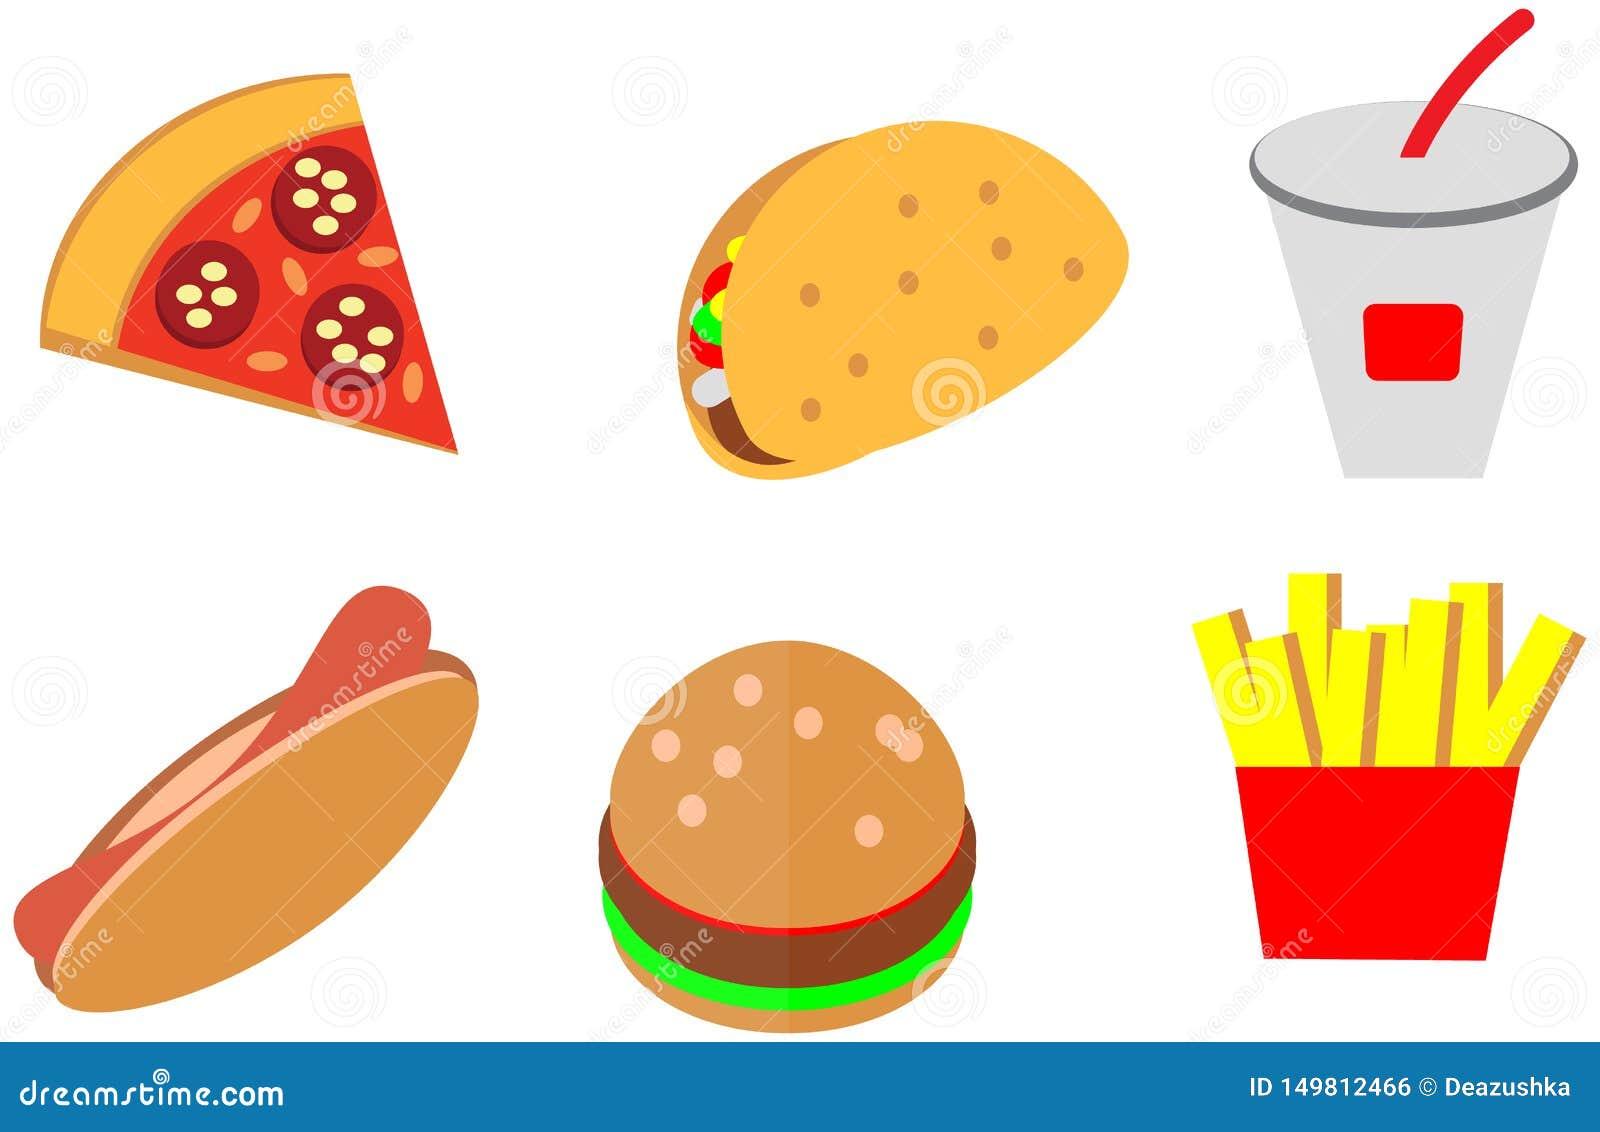 Los iconos planos de los alimentos de preparación rápida del color del garabato de la historieta diseñan el menú del café